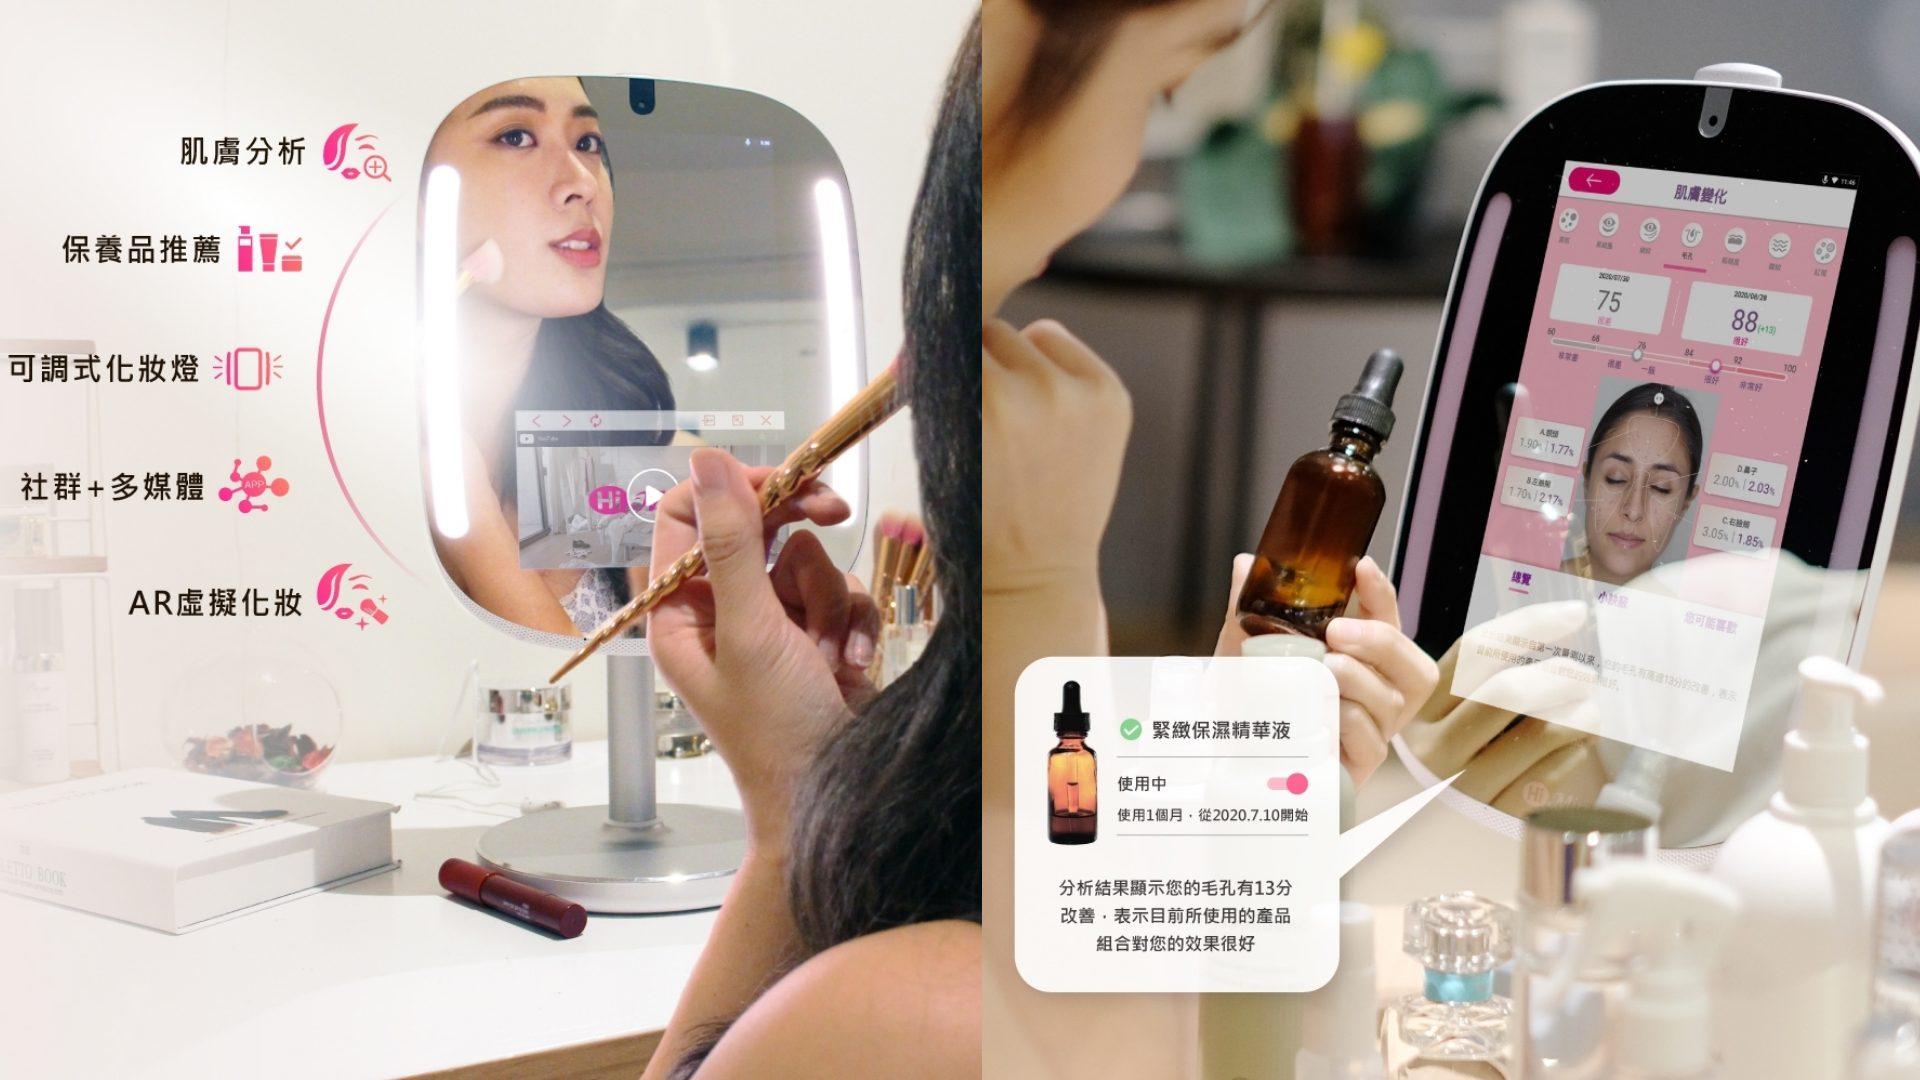 這款智能美妝鏡就是可以幫你進行肌膚檢測,讓膚況一目瞭然。另外也能輸入手邊的保養品,讓他來幫你推薦